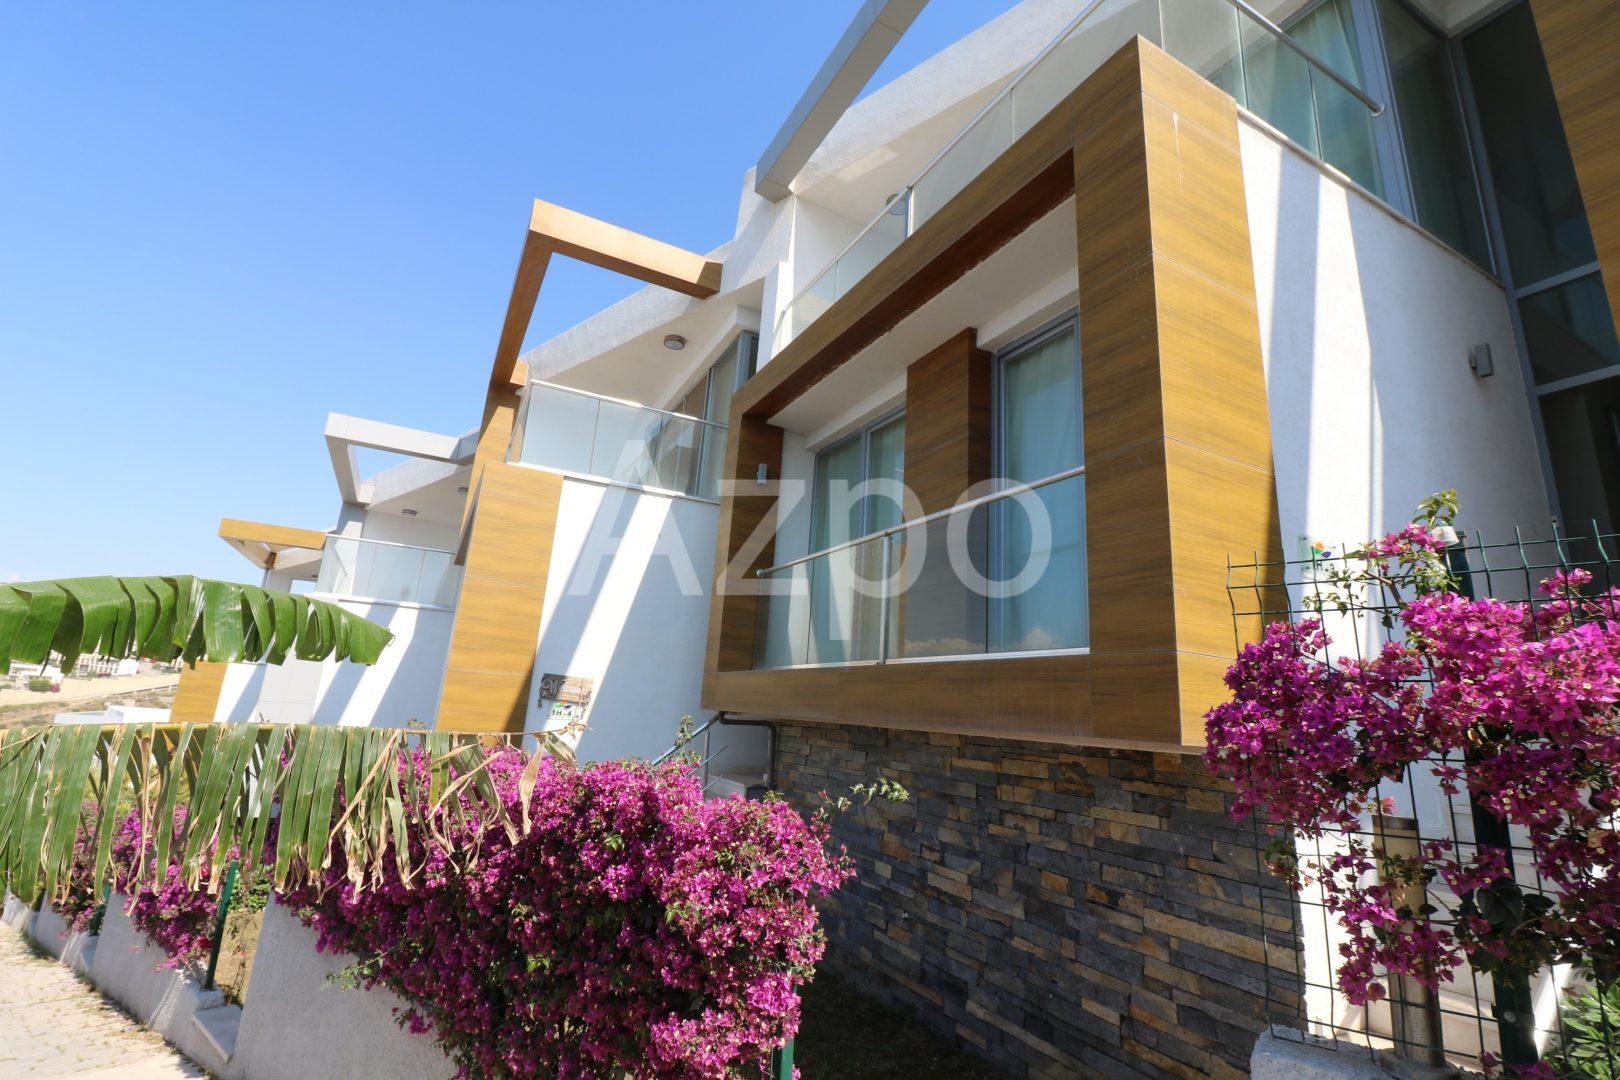 Квартира 2+1 в Бодруме с видом на морe - Фото 22